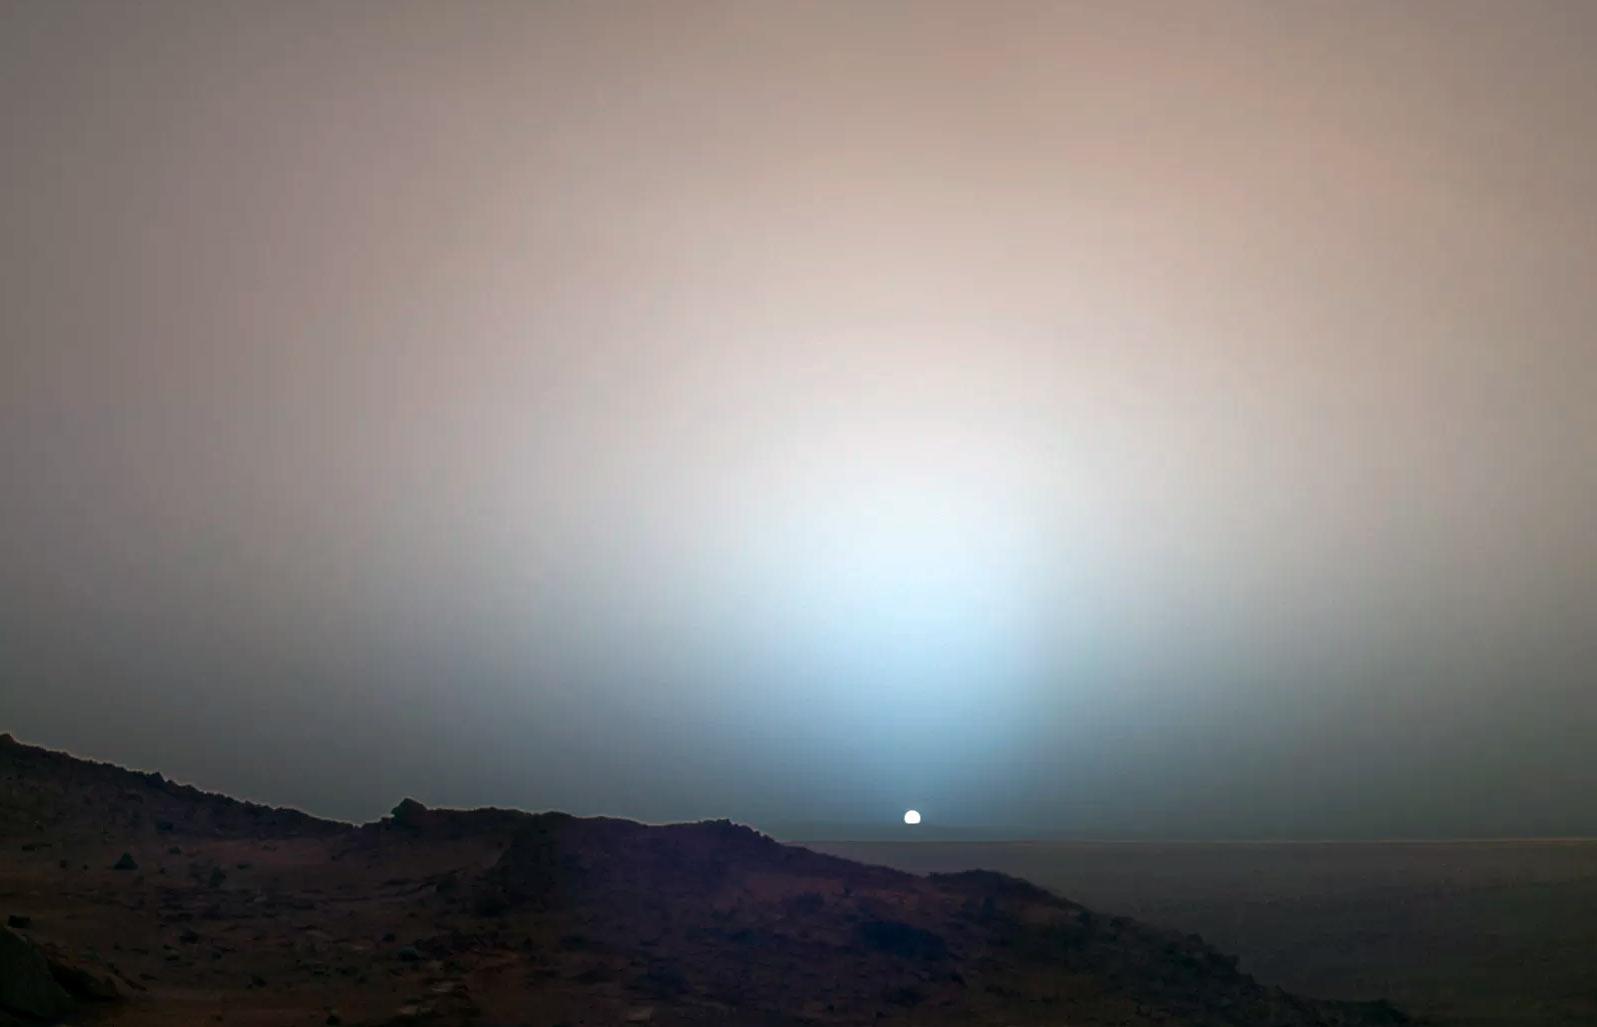 Рассвет на Марсе. Если смотреть с поверхности красной планеты, то она уже не кажется нам такой уж красной. Во всяком случае, небо у неё... голубоватое